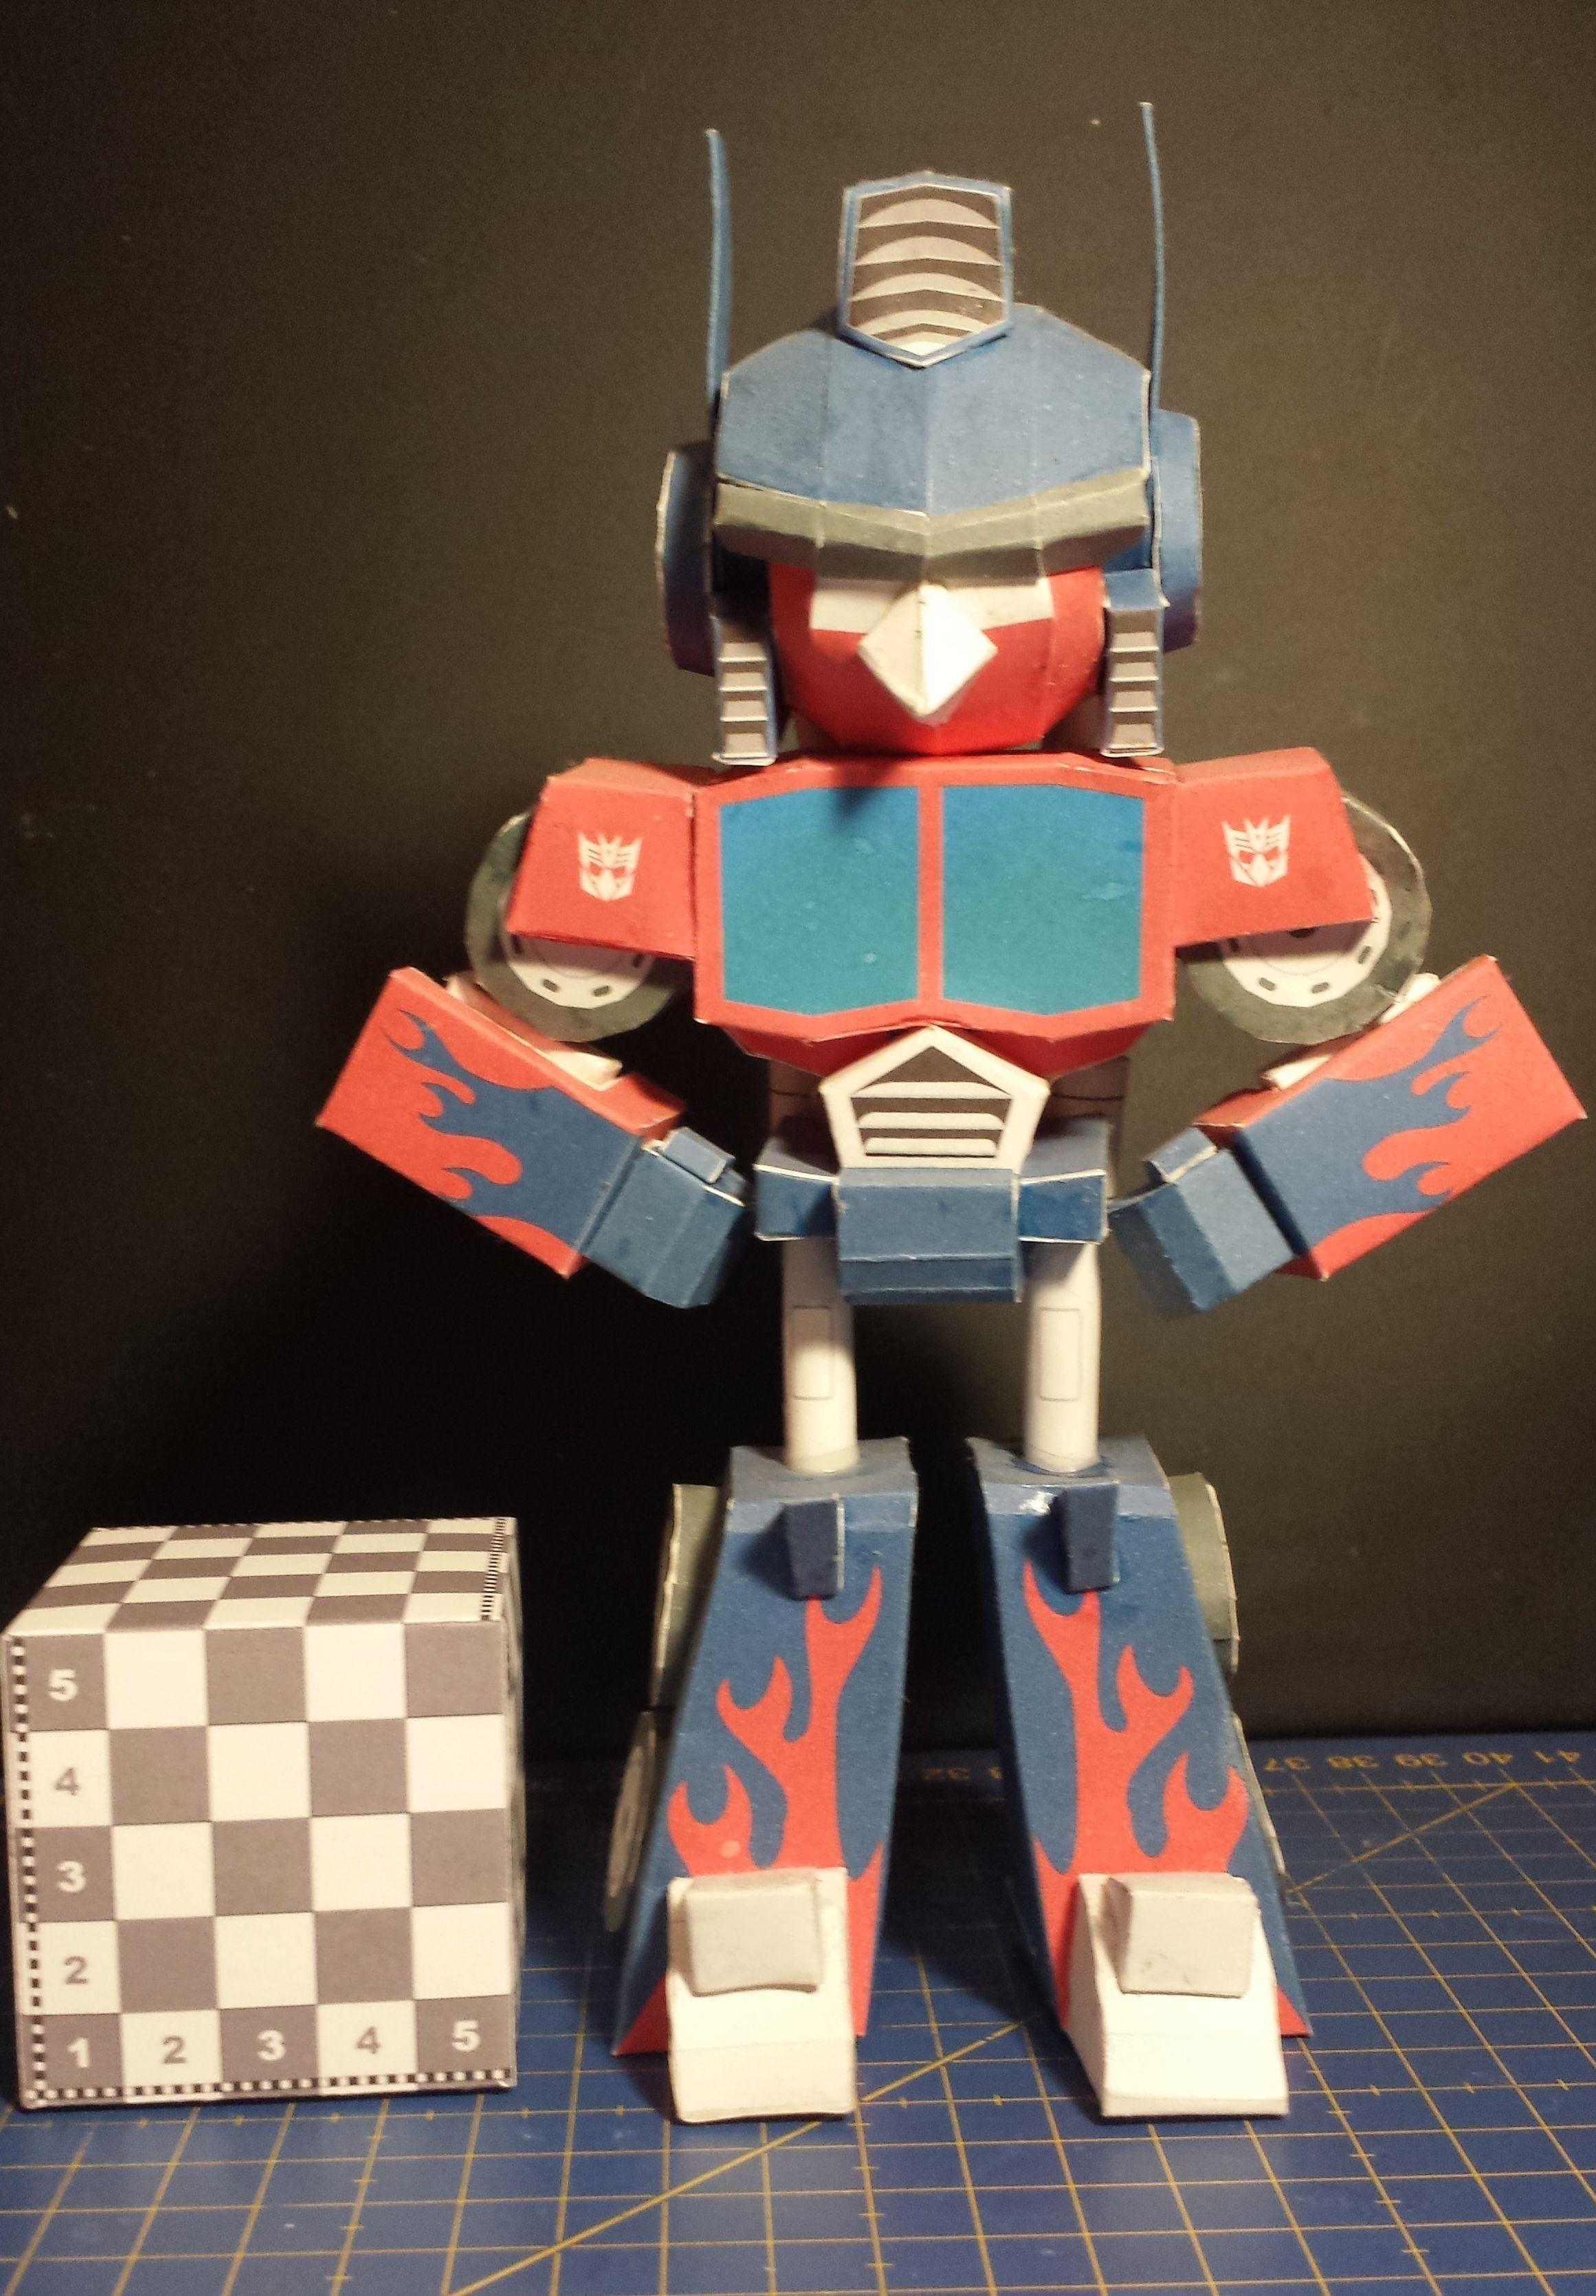 Master Chief Papercraft Figura De Angry Bird Transformers Red Optimus Prime Modelo